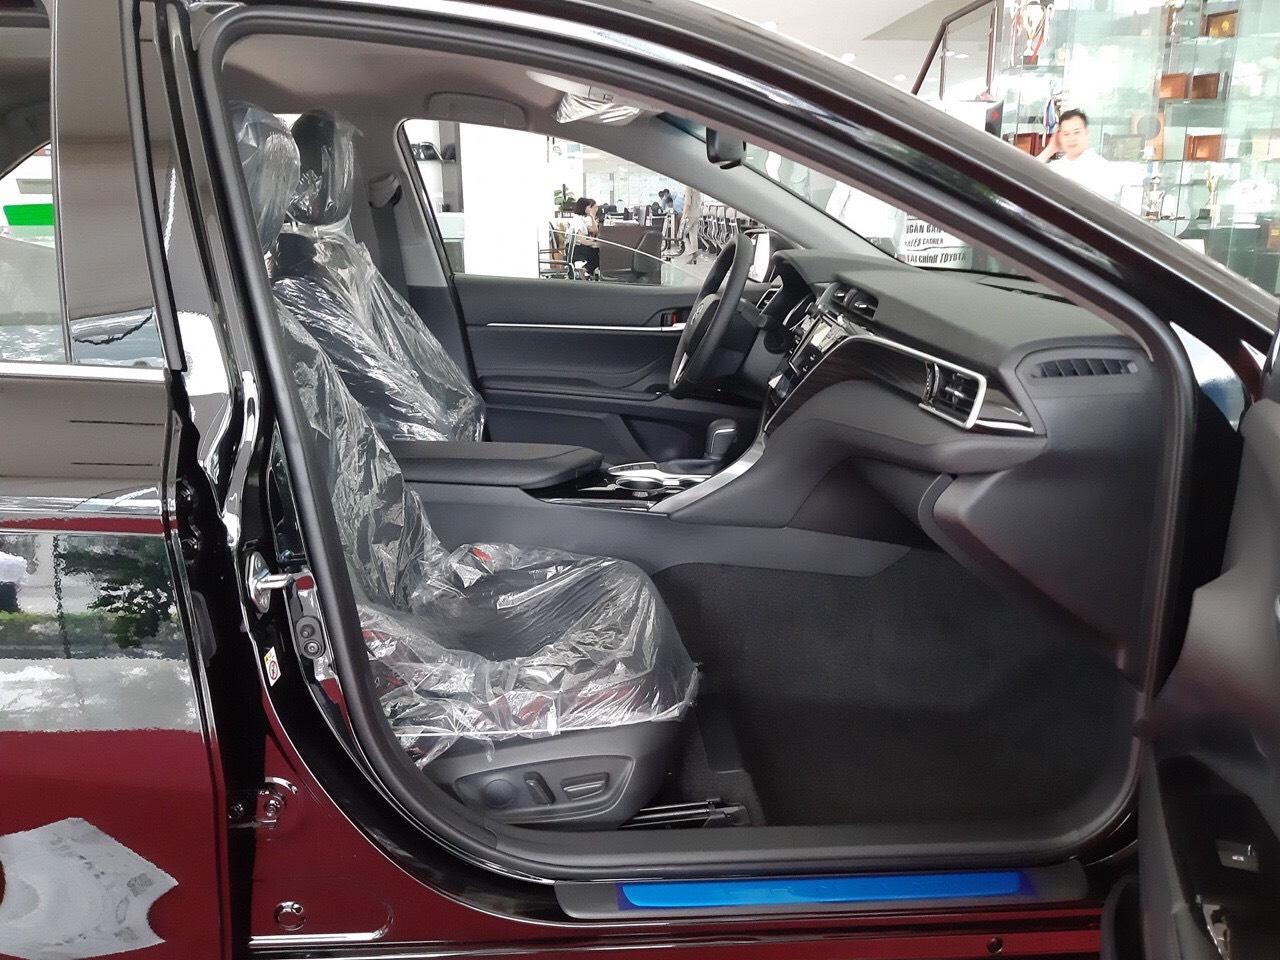 Toyota Camry 2.0G ảnh 5 - Camry 2.0G [hienthinam]: giá xe và khuyến mãi tháng [hienthithang]